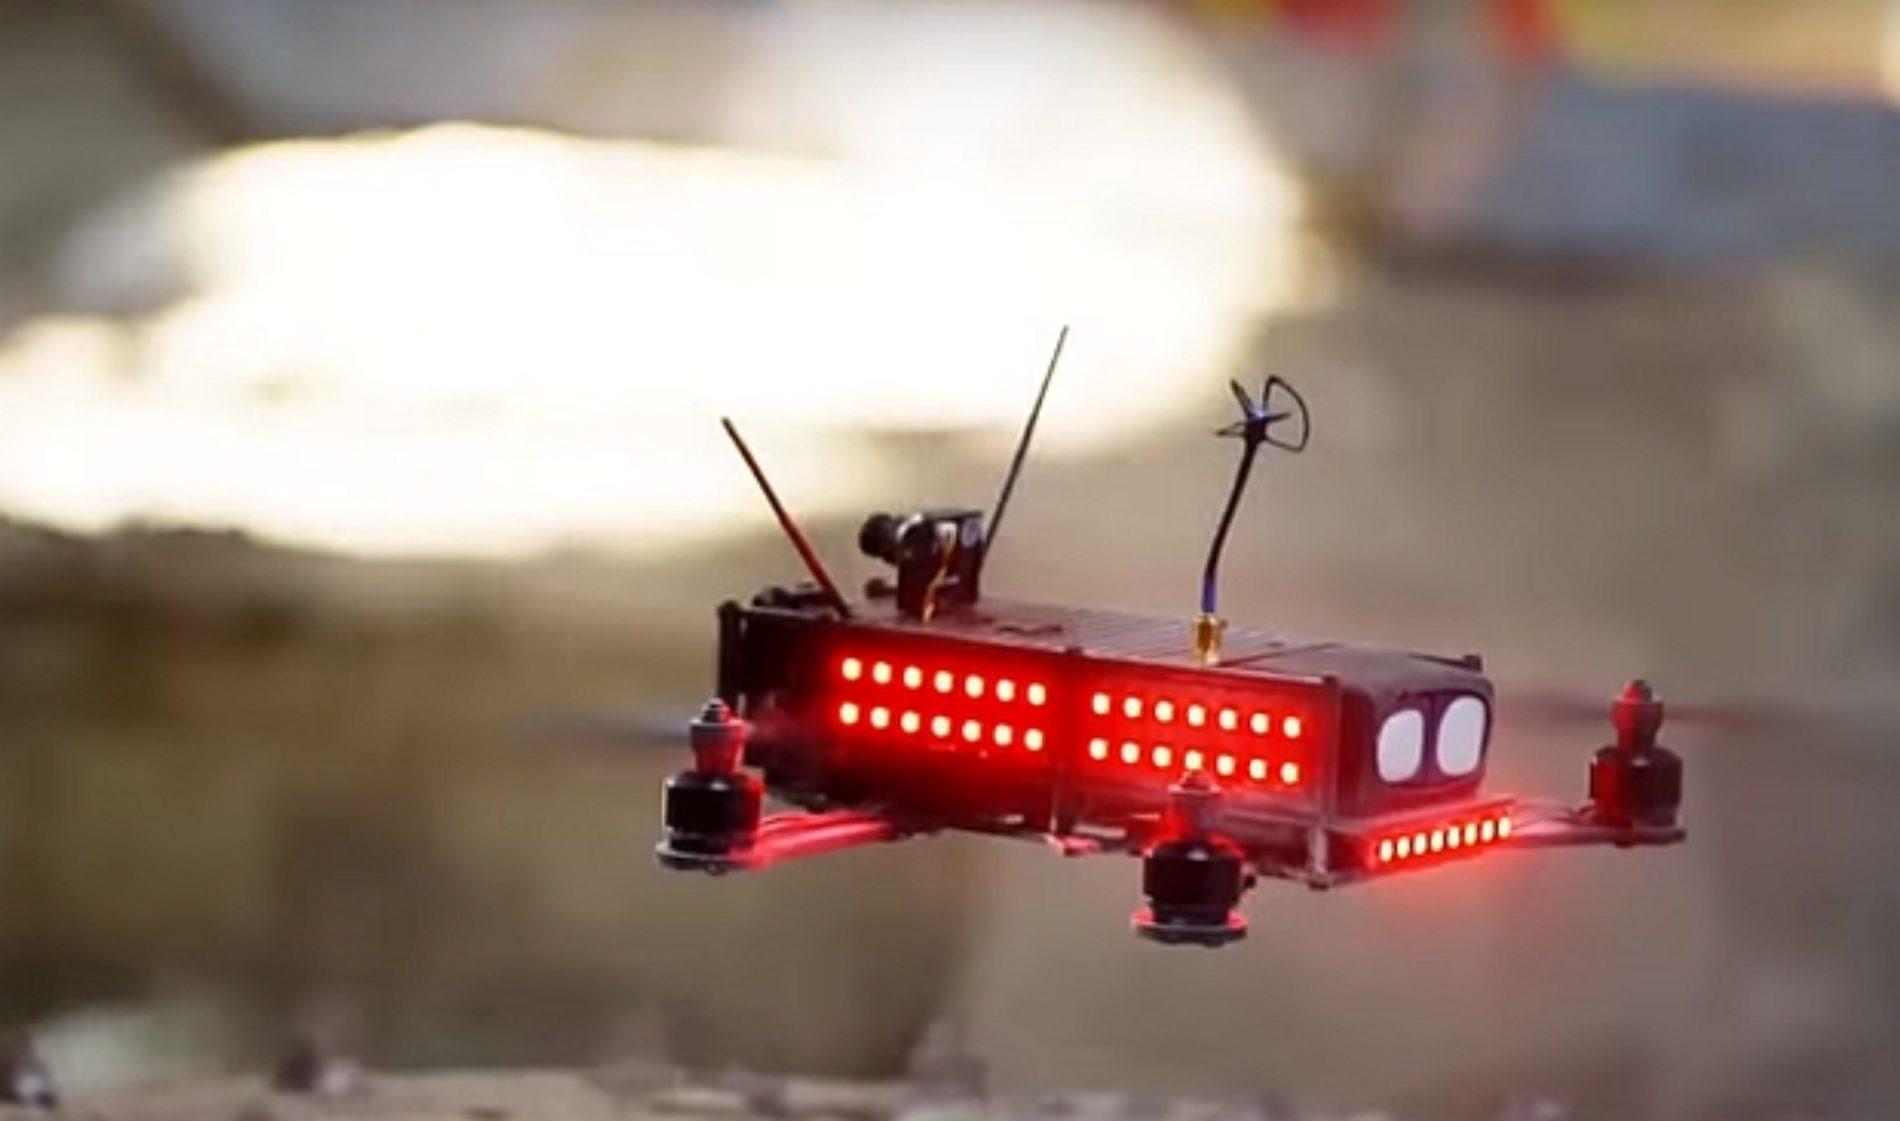 Arranca la liga mundial del deporte del futuro: carreras de drones